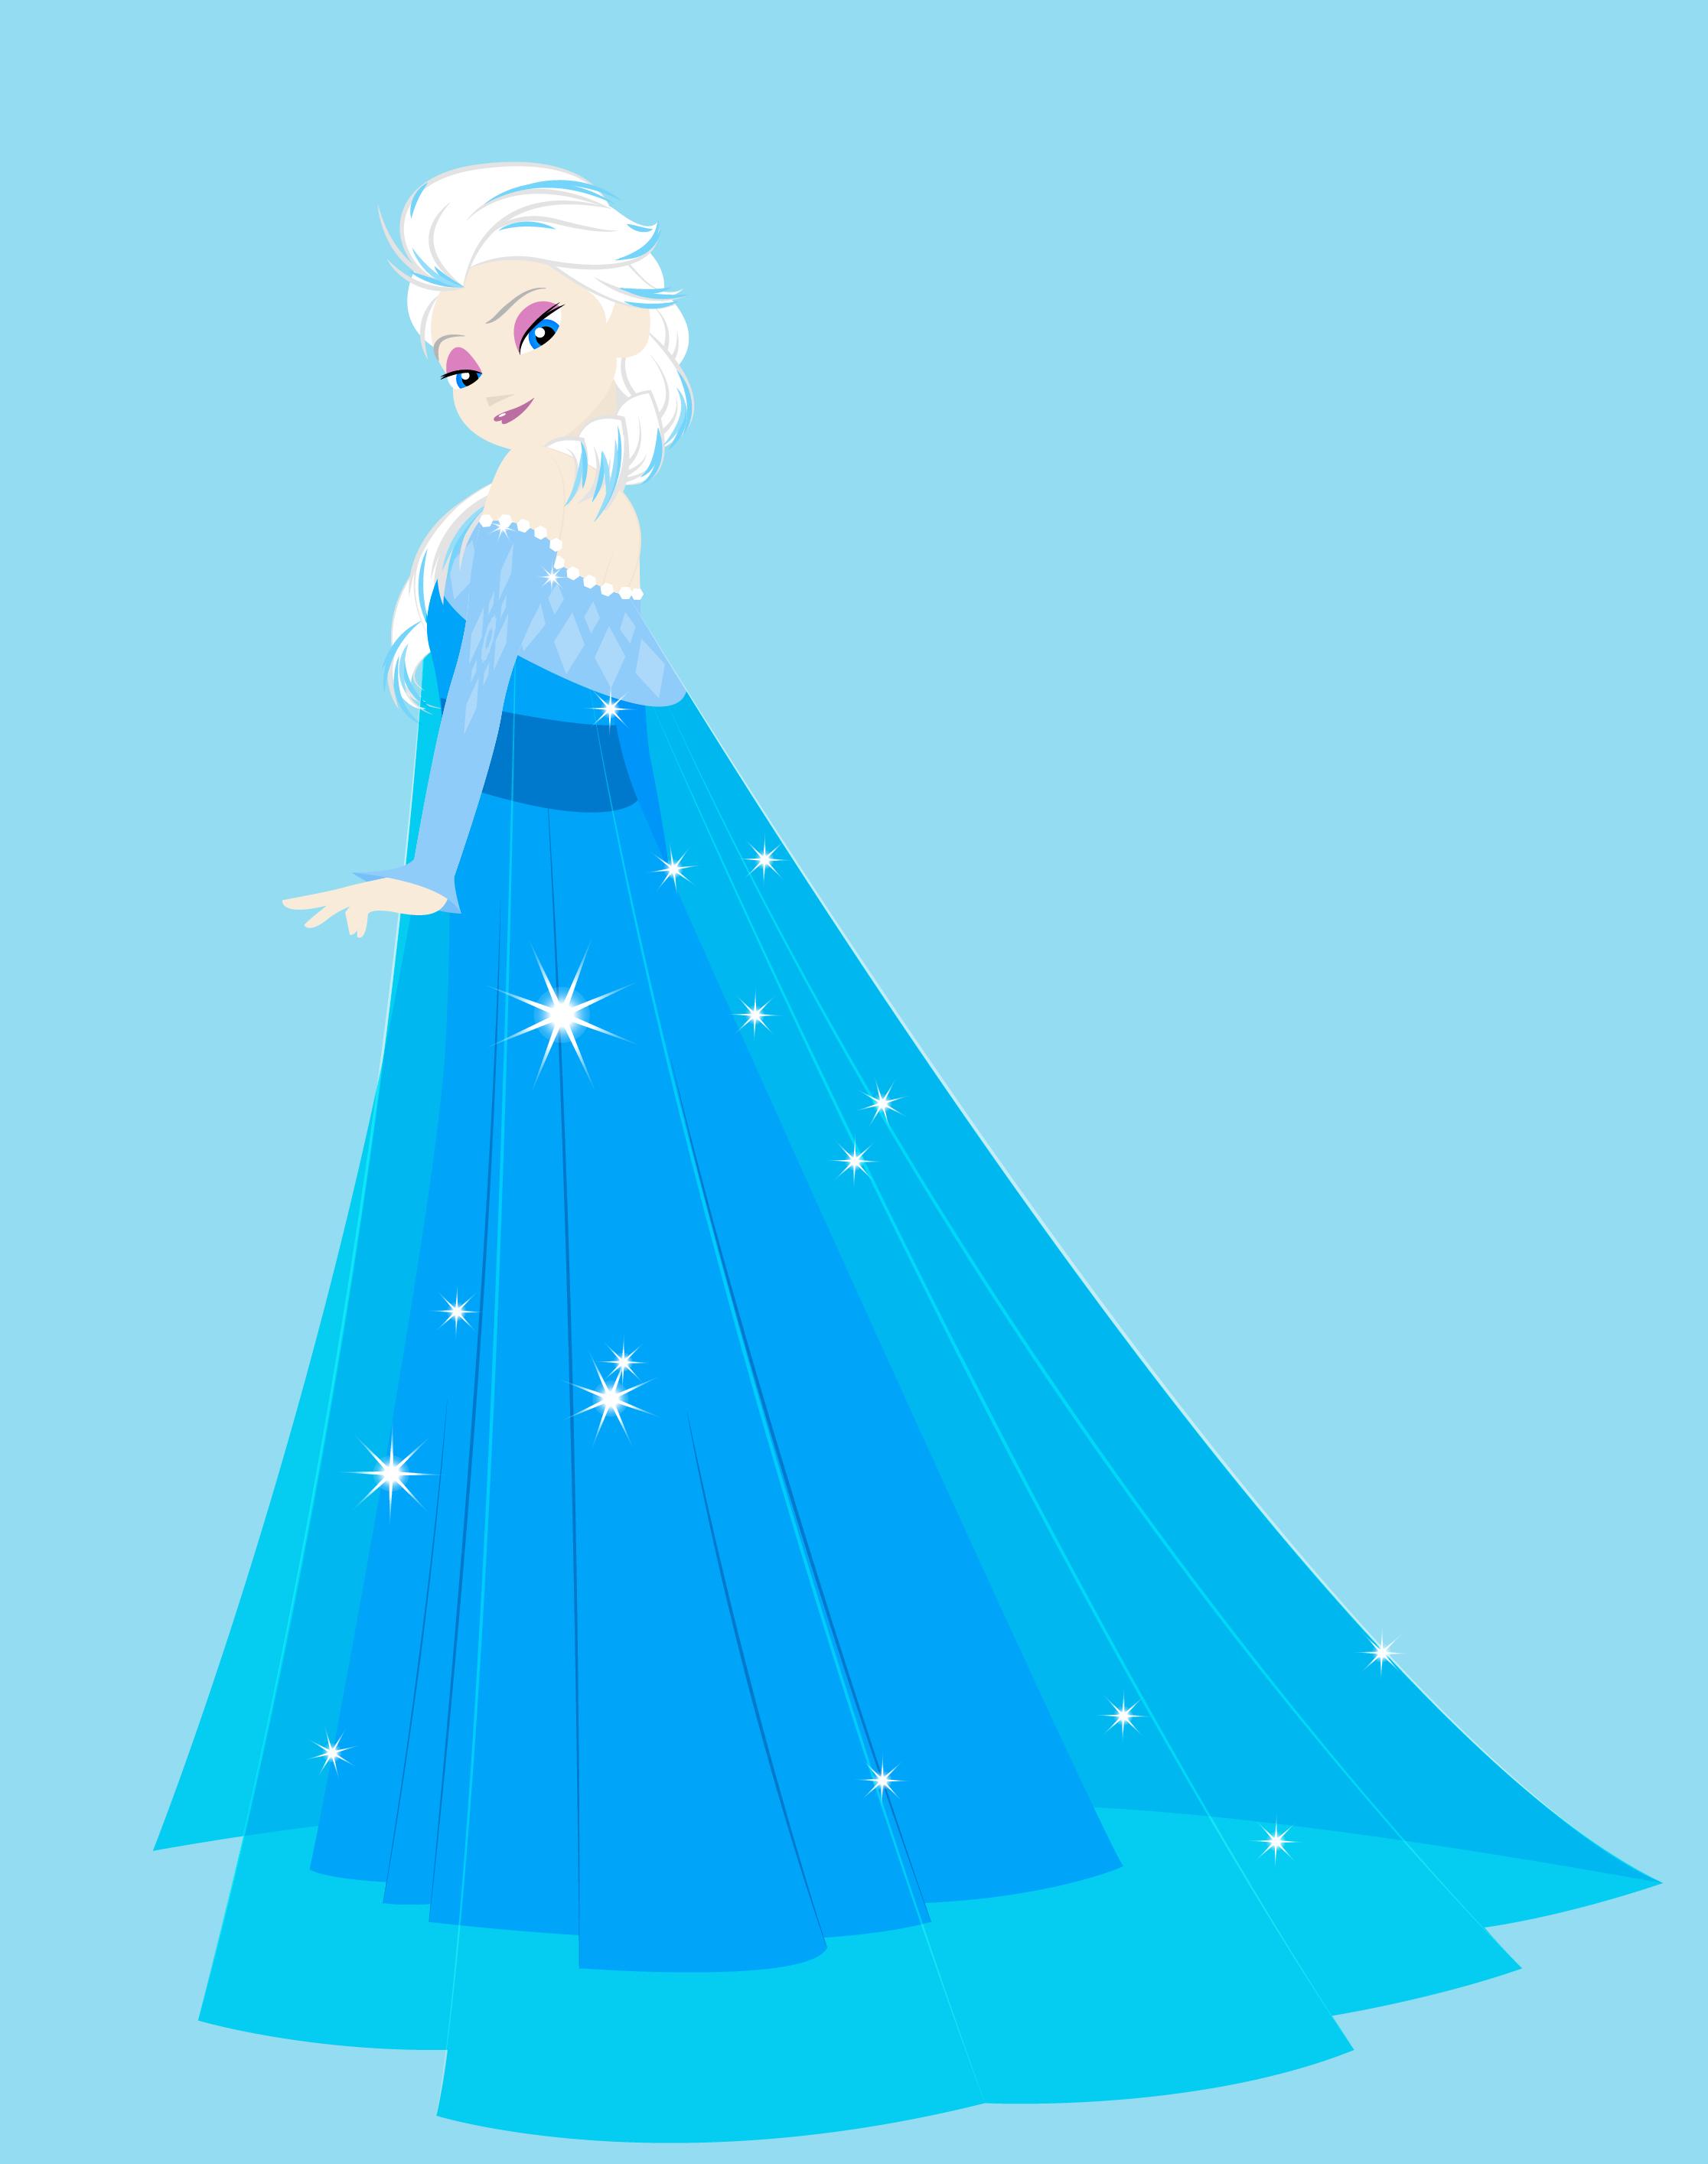 snow queen elsa frozen - photo #31